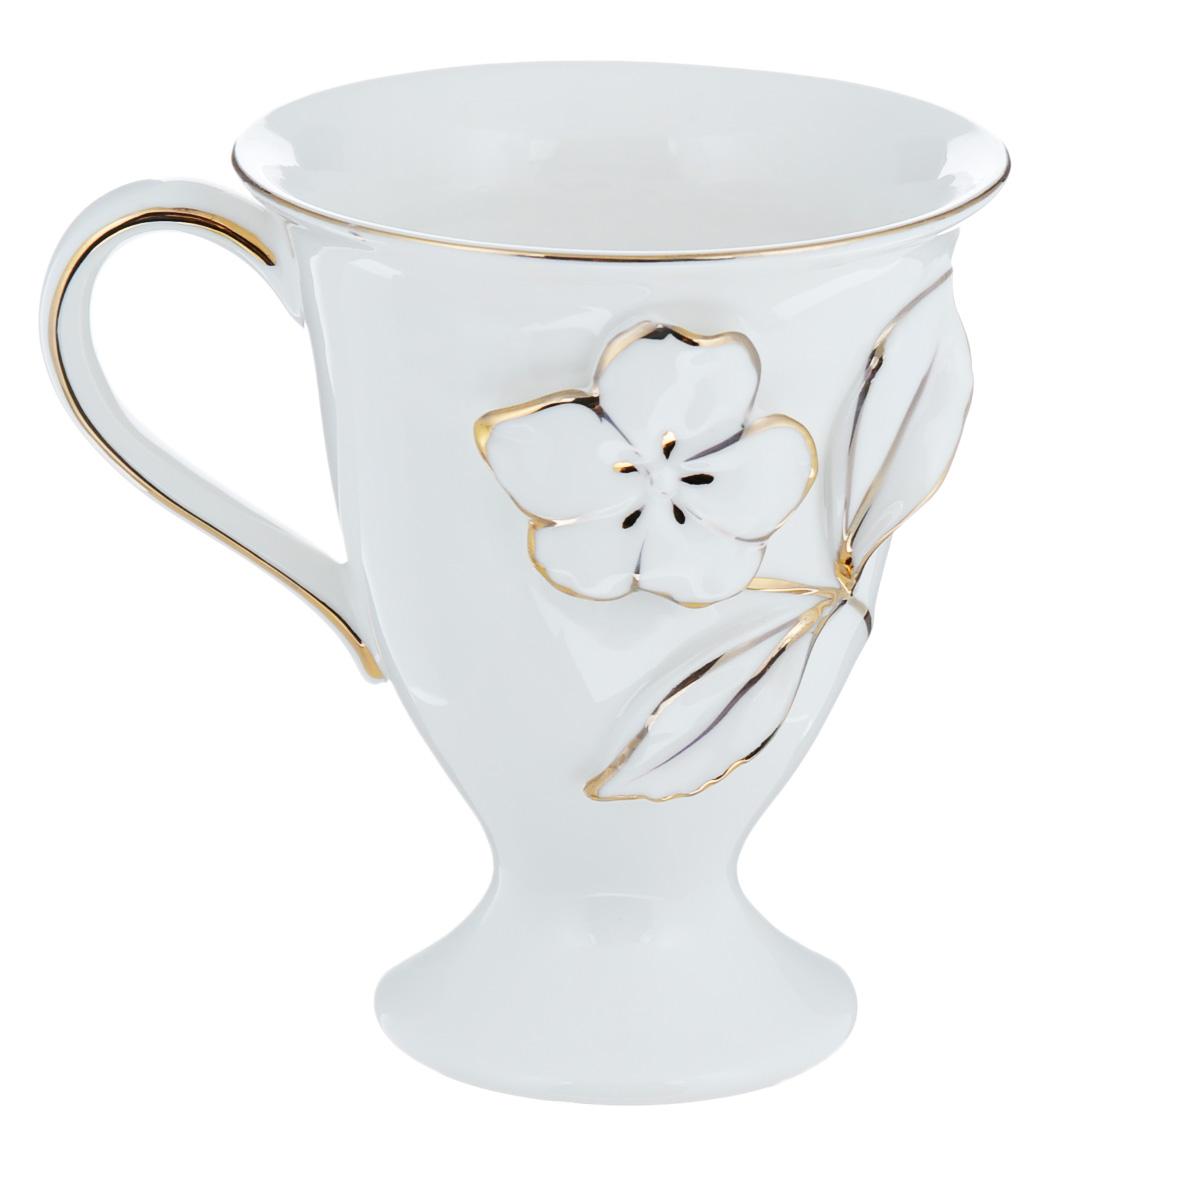 Кружка Lillo Элеганс, цвет: белый, 300 мл21401008 (A)Кружка Lillo Элеганс, выполненная из высококачественной керамики, декорирована золотистой эмалью и рельефным изображением цветка. Изделие оснащено удобной ручкой. Кружка сочетает в себе оригинальный дизайн и функциональность. Благодаря такой кружке пить напитки будет еще вкуснее. Кружка Lillo Элеганс согреет вас долгими холодными вечерами. Нельзя мыть в посудомоечной машине и использовать микроволновой печи. Объем: 300 мл. Диаметр (по верхнему краю): 10 см. Высота кружки: 11,5 см.